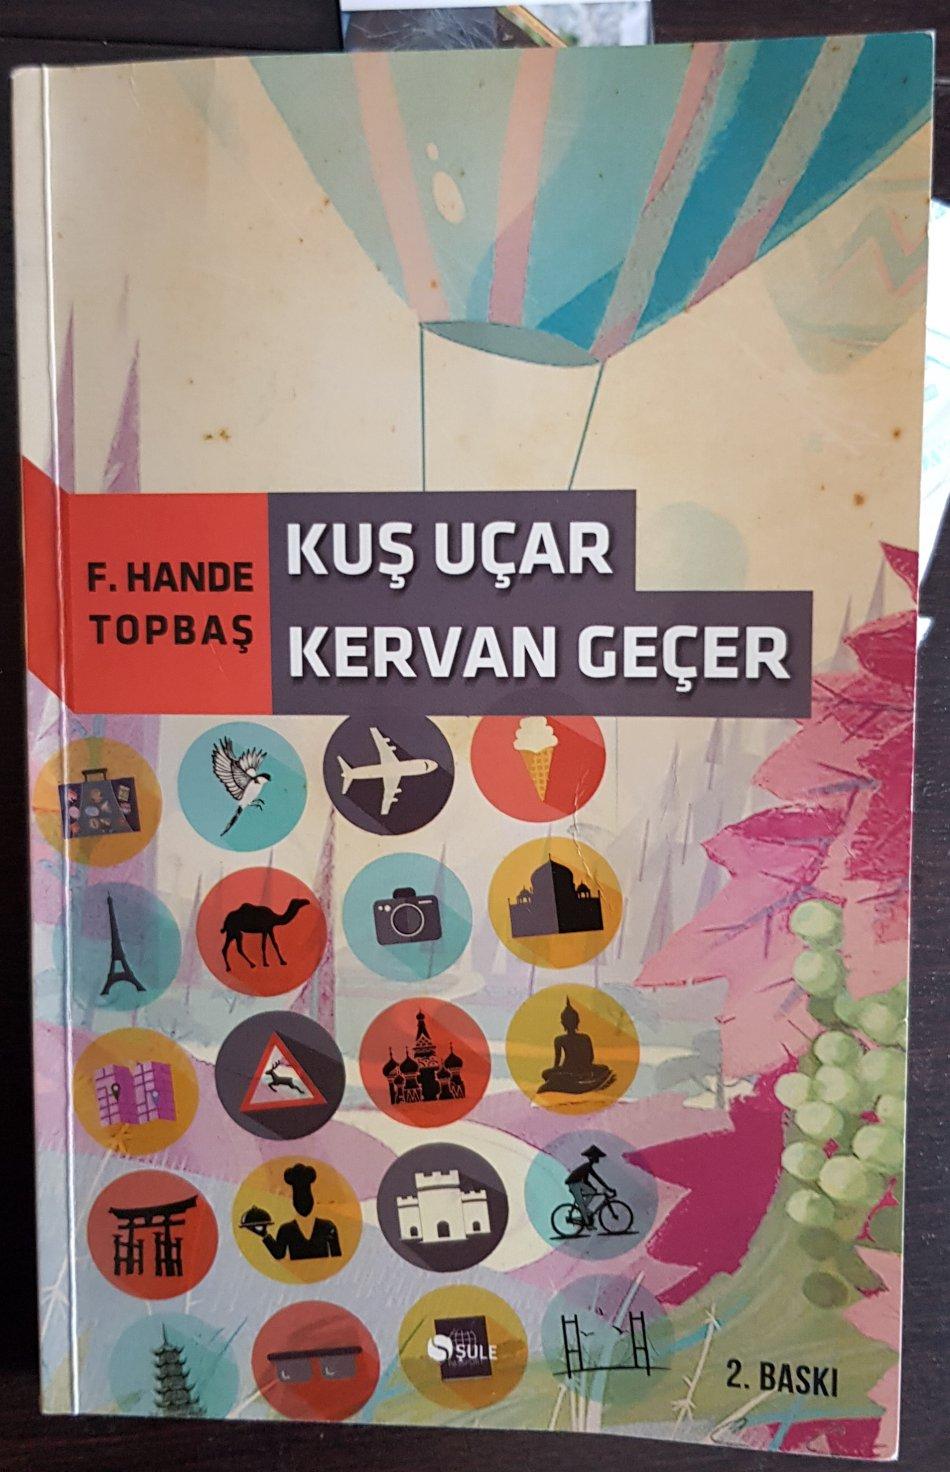 Kuş Uçar Kervan Geçer  - F.Hande Topbaş